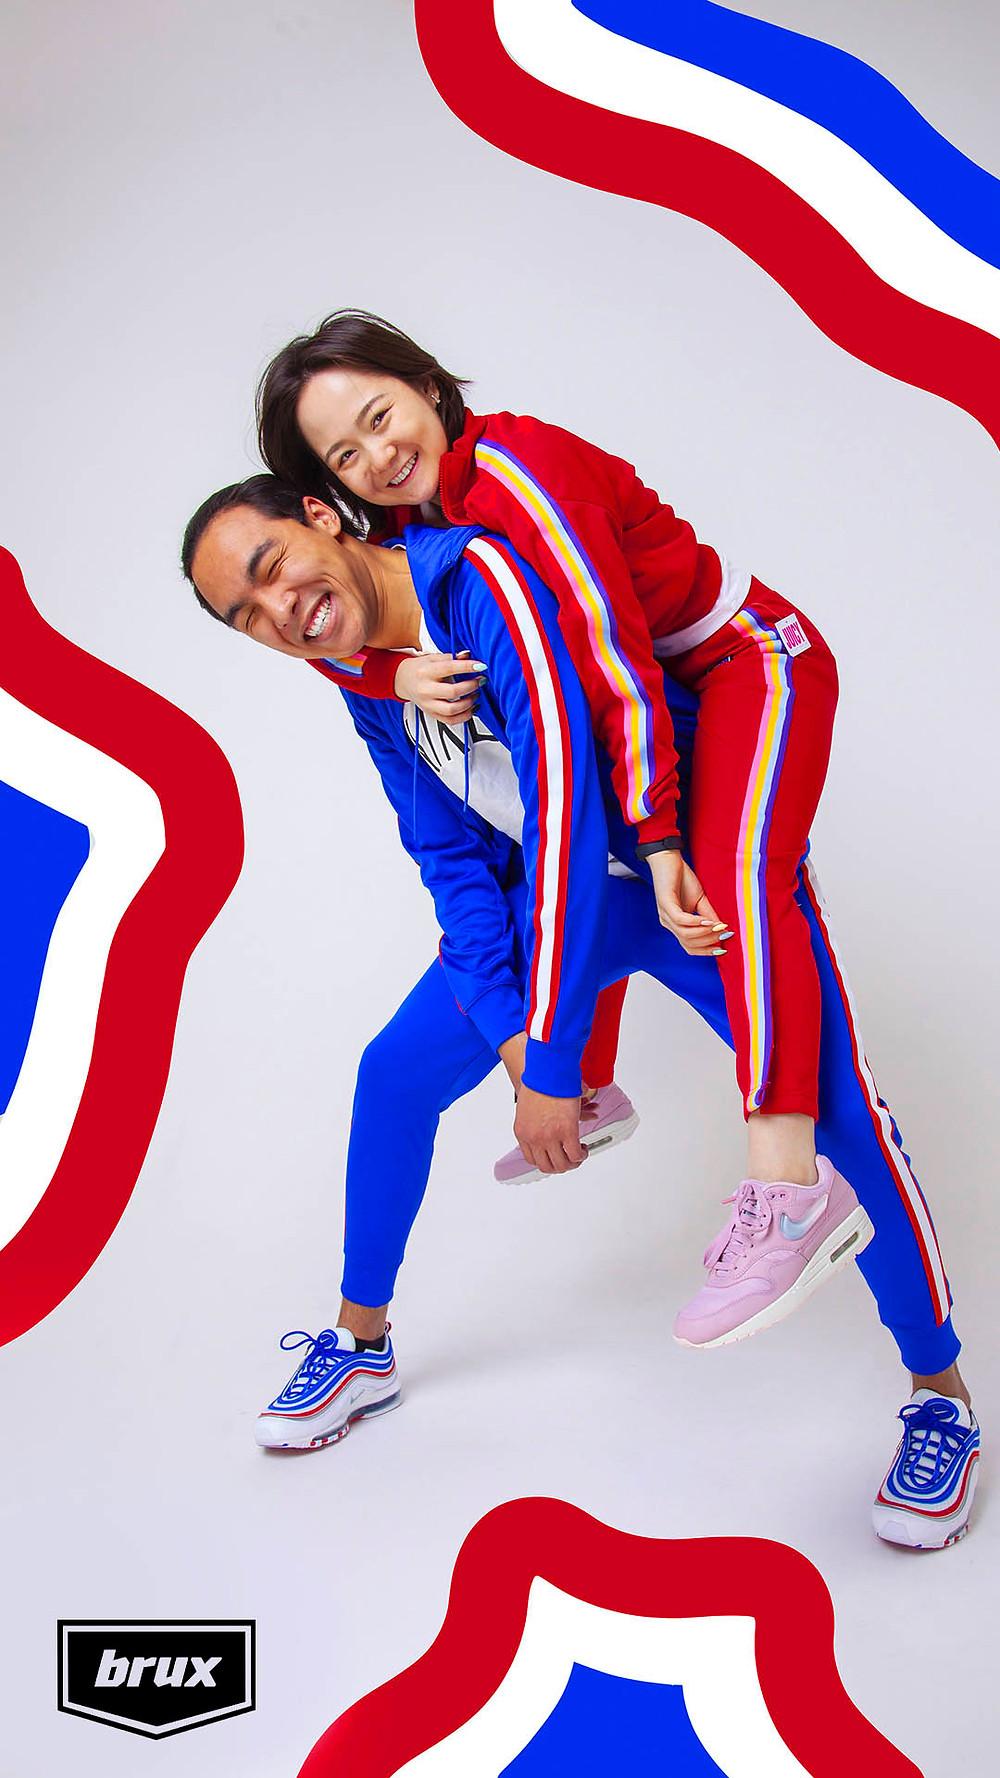 Яркий спортивный костюм Nike - для него. Нежный спортивный костюм Juicy - для неё.